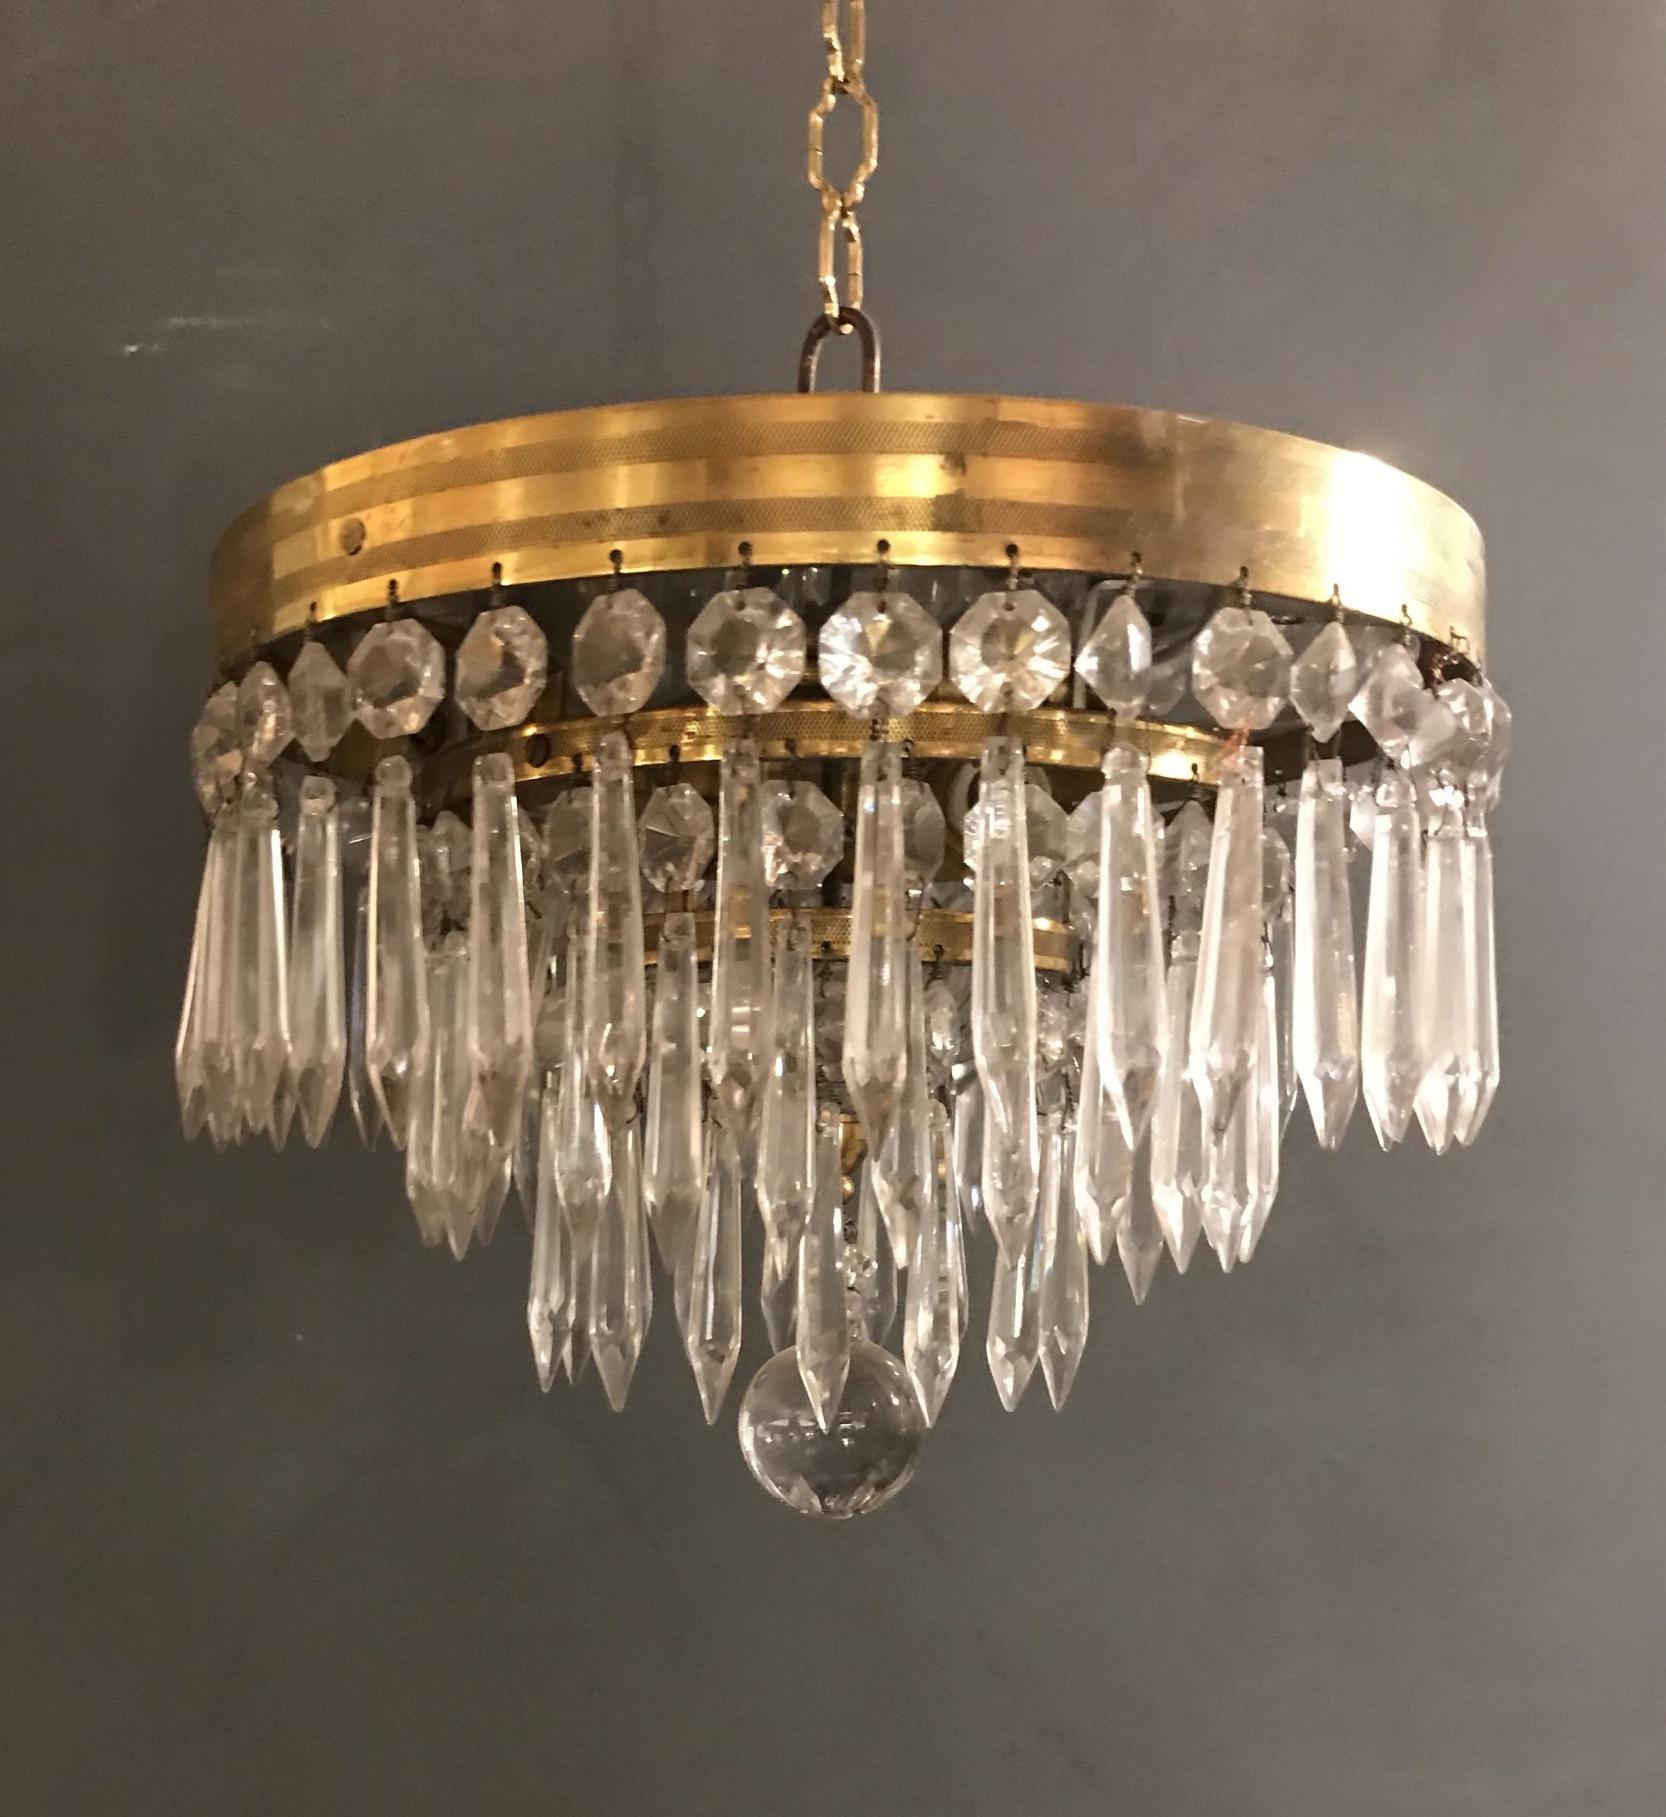 LAmparas de techo -